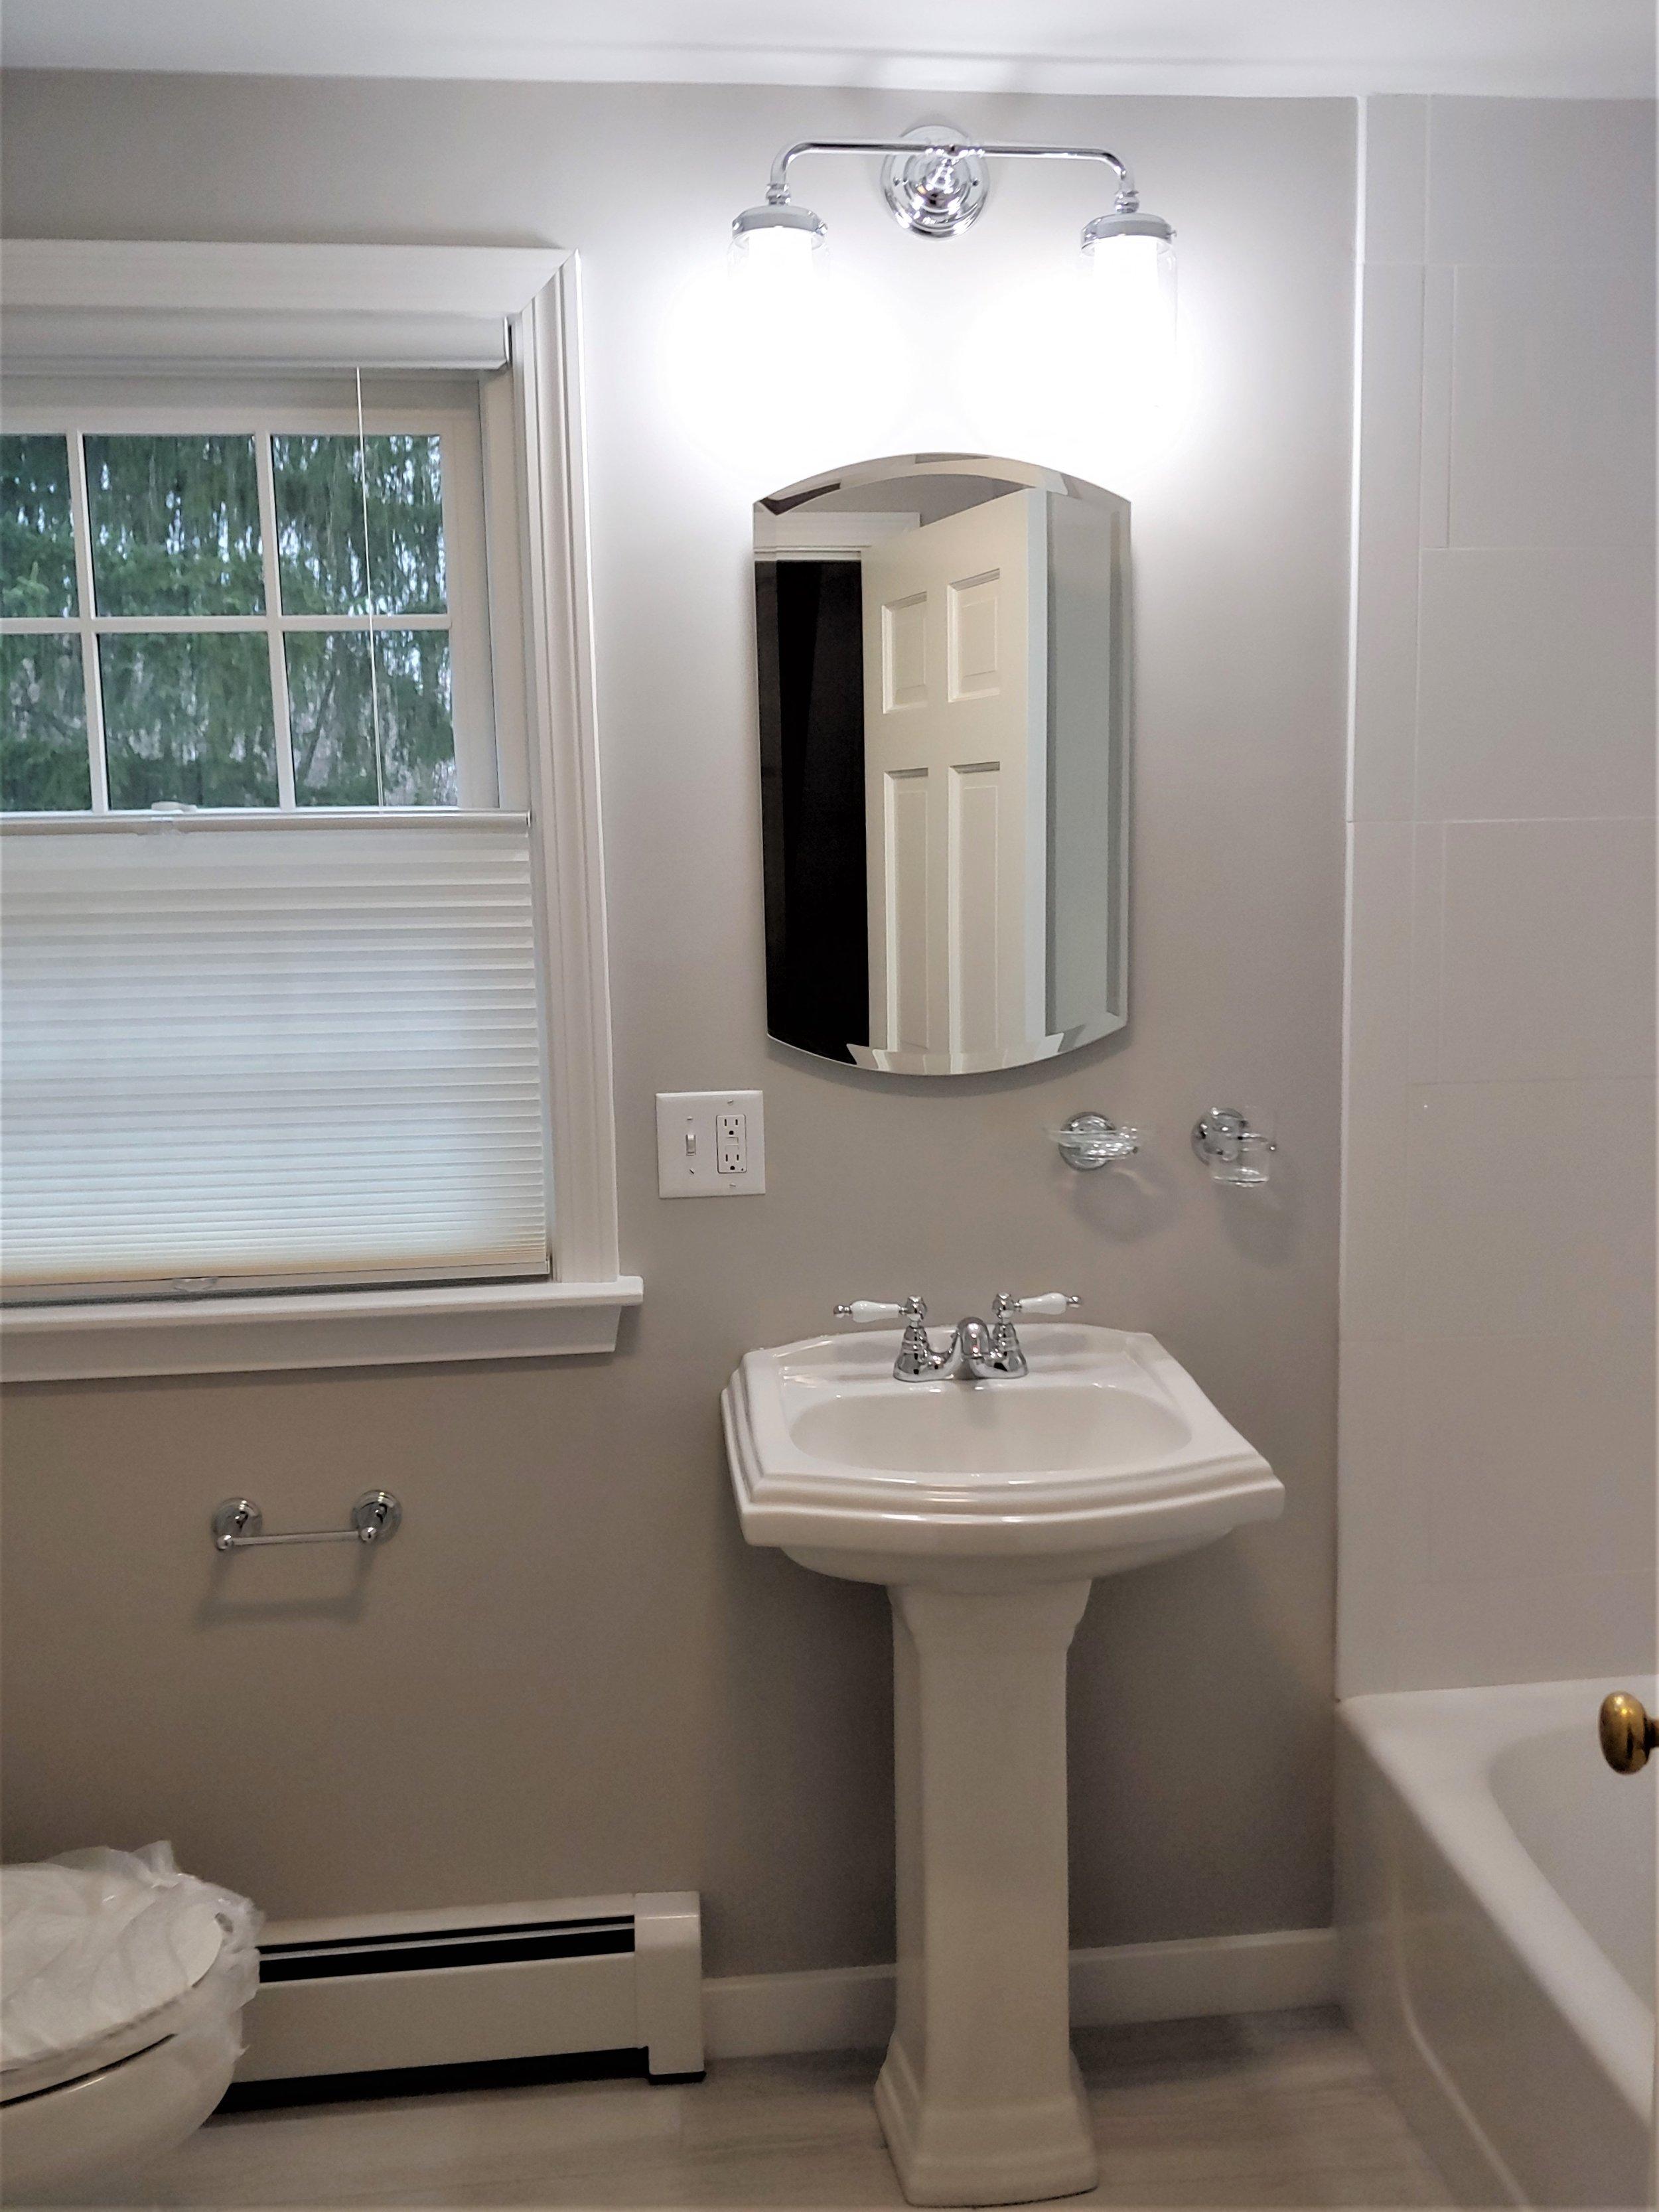 Bathroom Remodeling - Shrewsbury MA